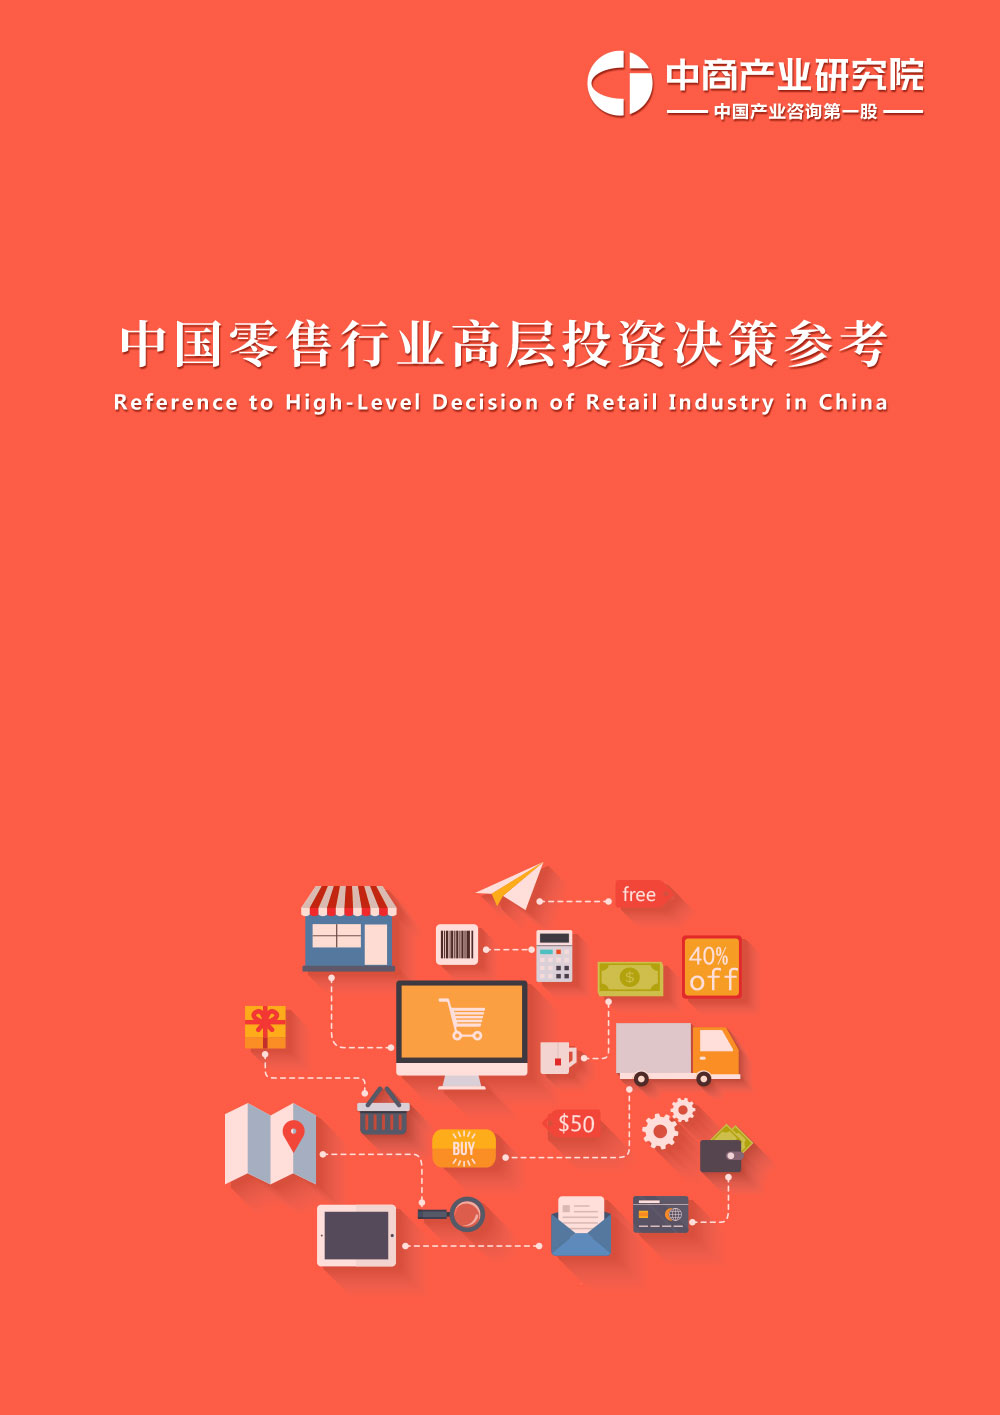 中国零售消费行业投资决策参考(2019年1-2月)